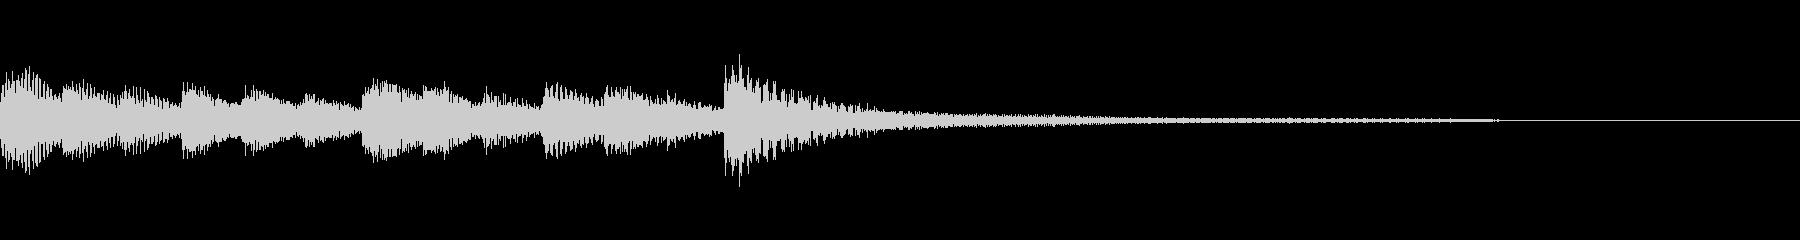 ゆったりしたピアノのジングルの未再生の波形